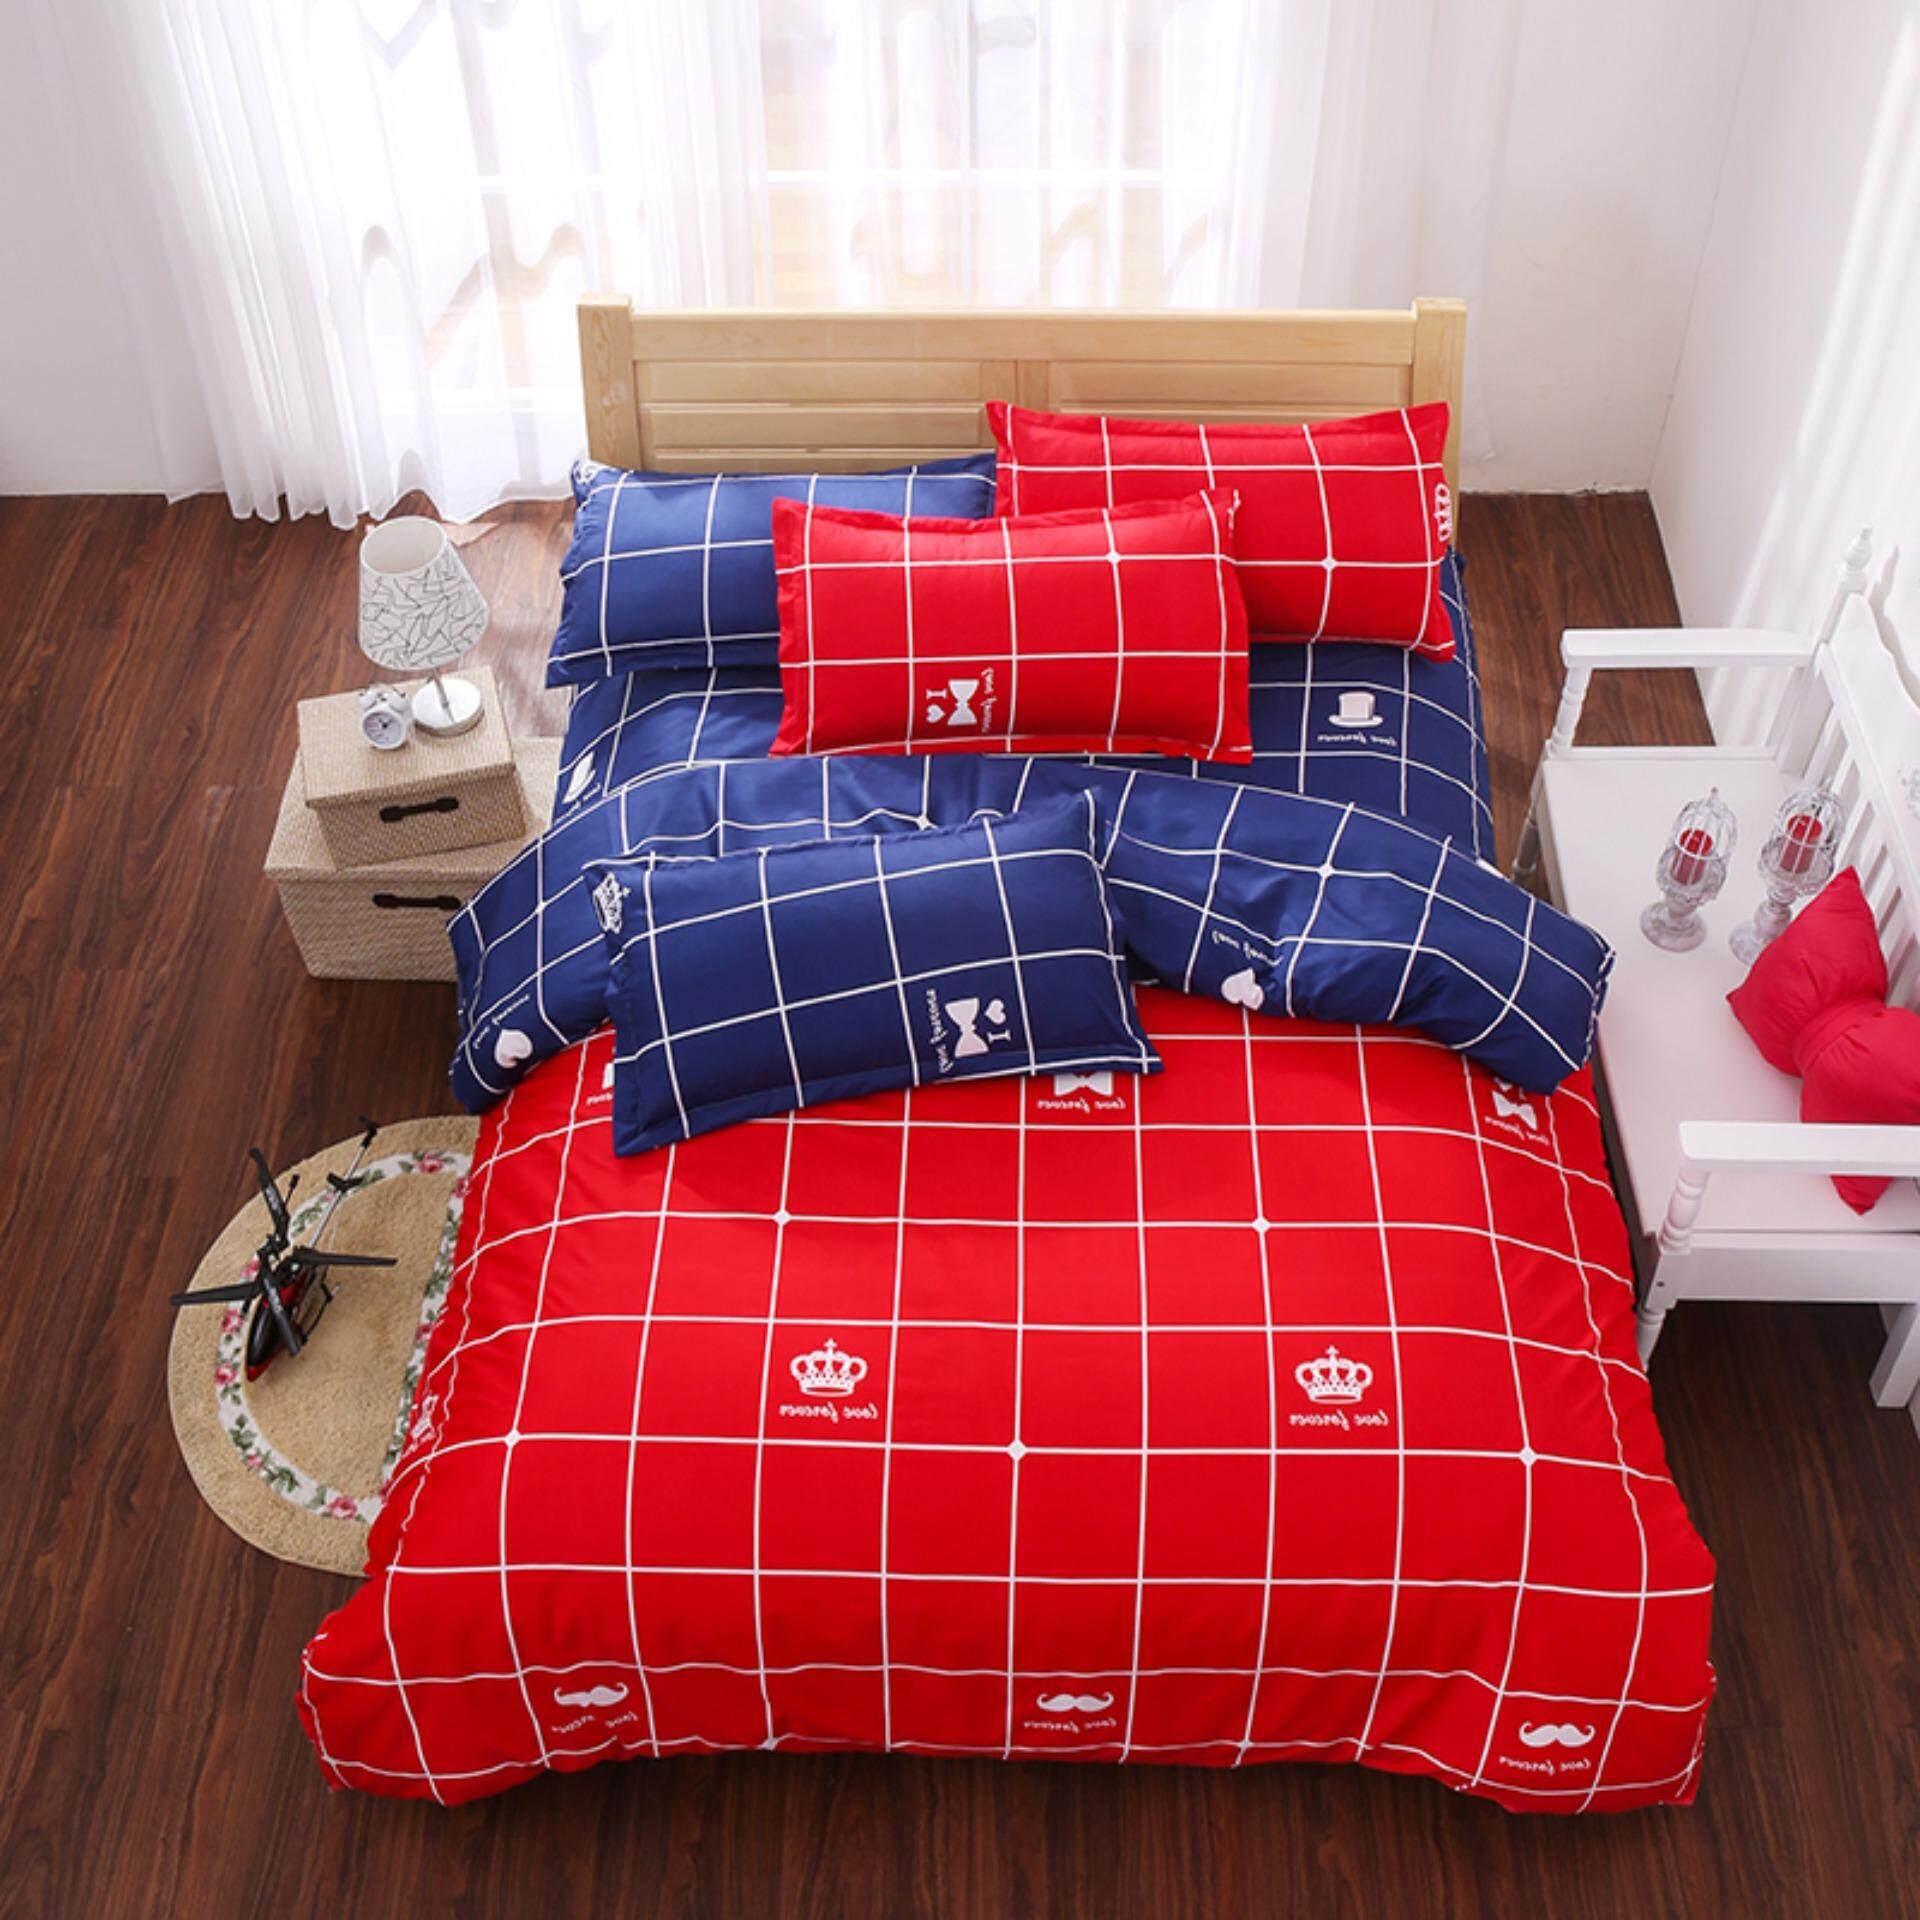 ผ้าปูที่นอน 6ฟุต 5ชิ้น รัดมุม Fitted Sheet (ไม่มีผ้าห่ม) By Misshouse 1988.